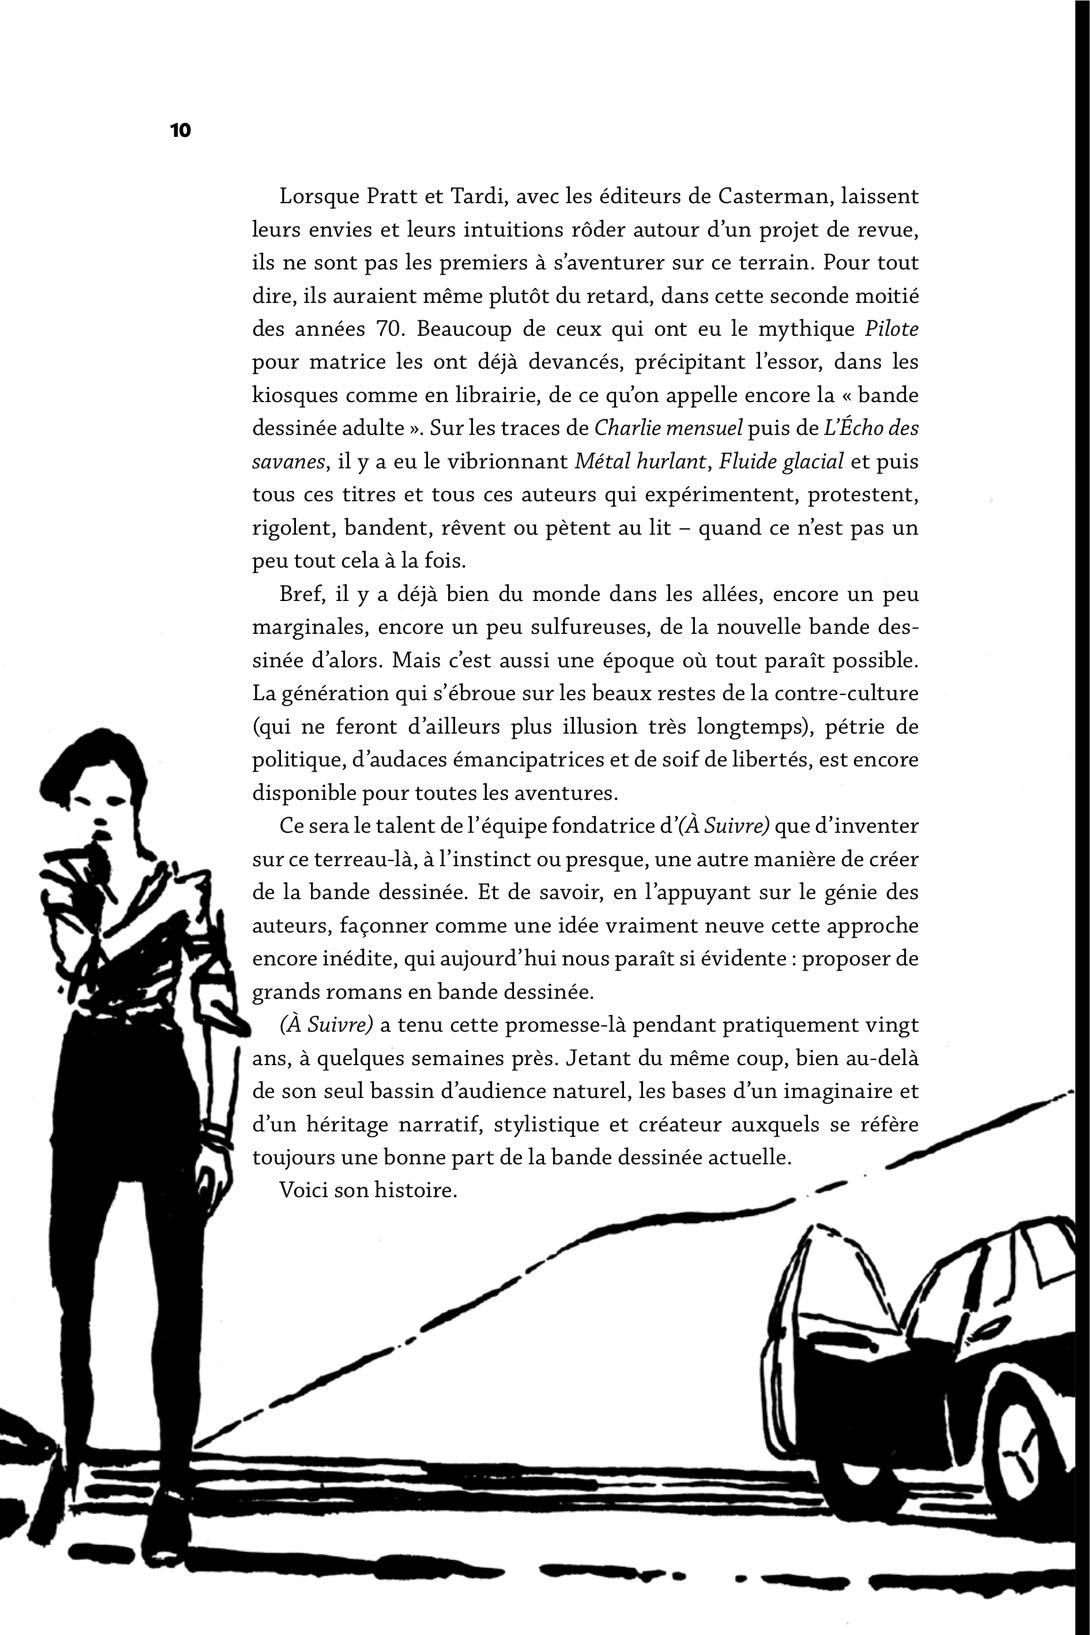 EXTRAIT 1 LIVRE Nicolas Finet sur (A suivre)